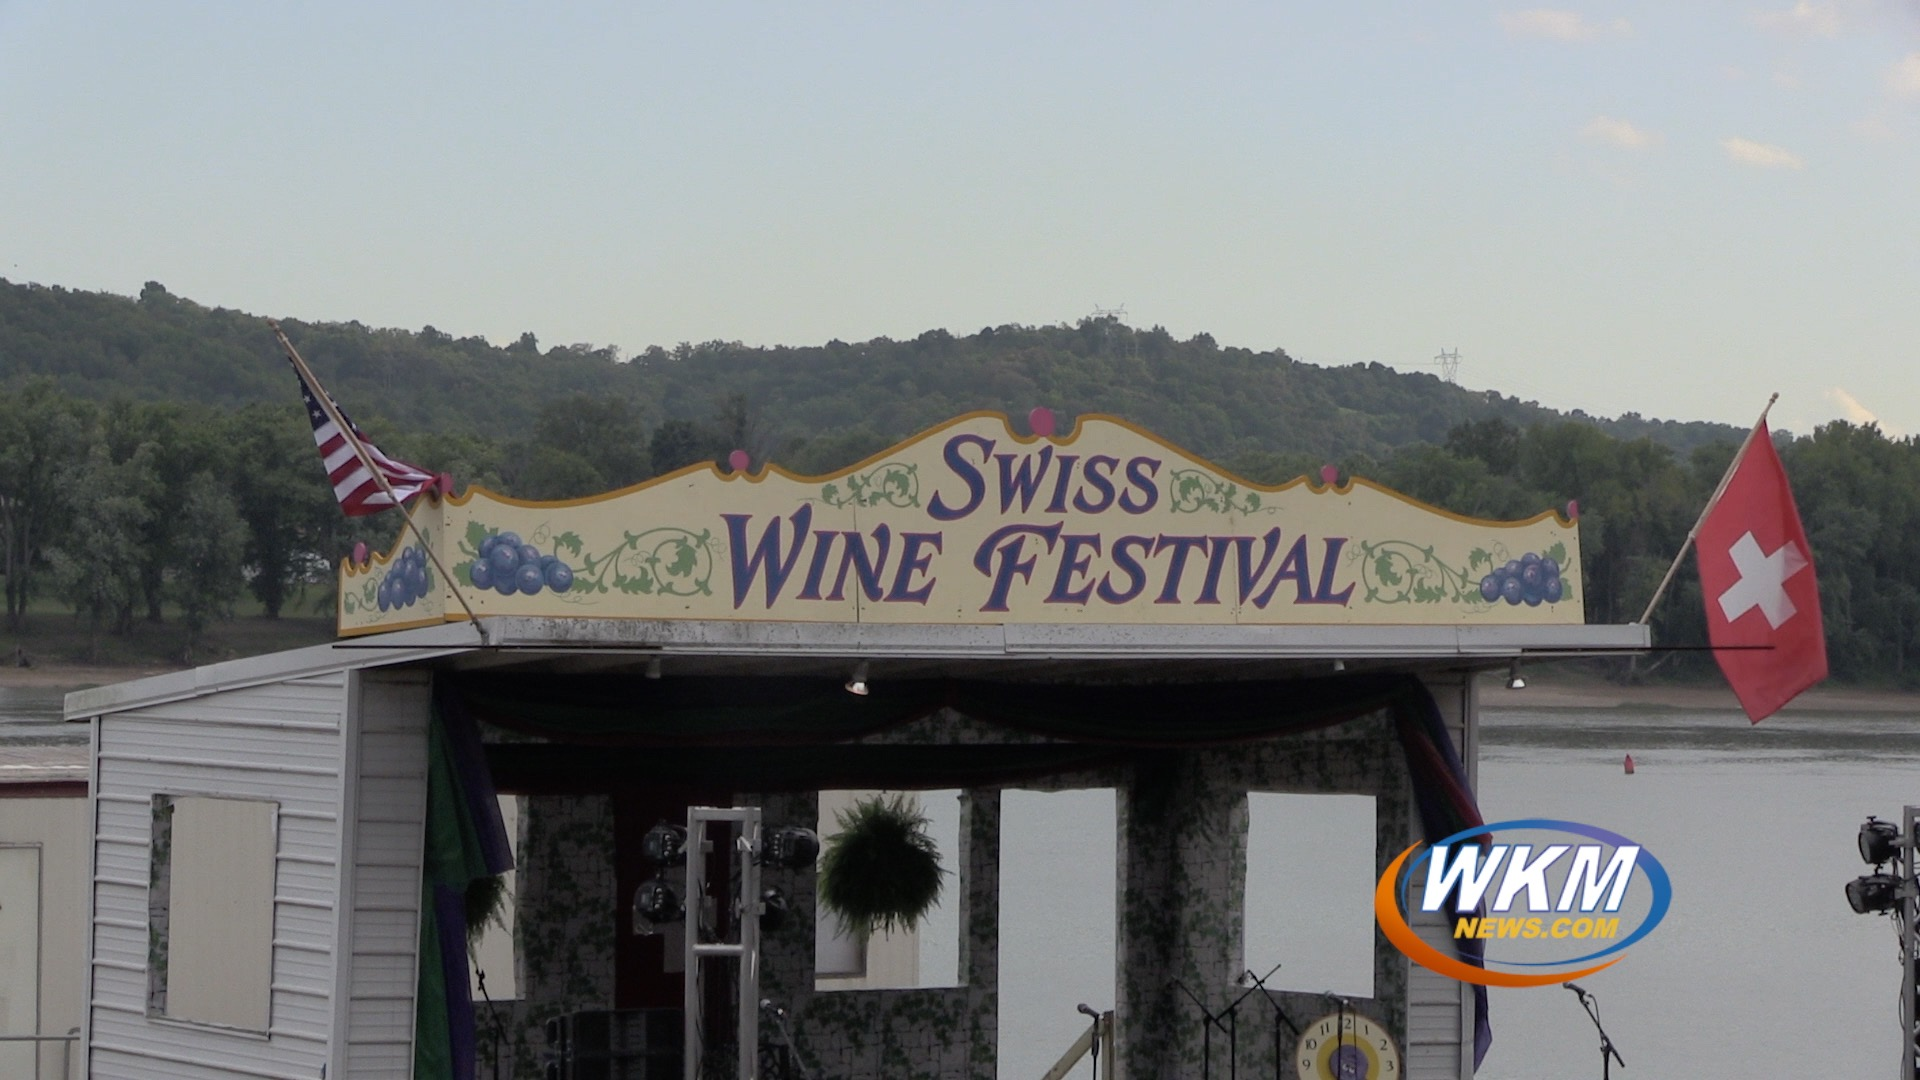 Swiss Wine Festival 2021 Begins